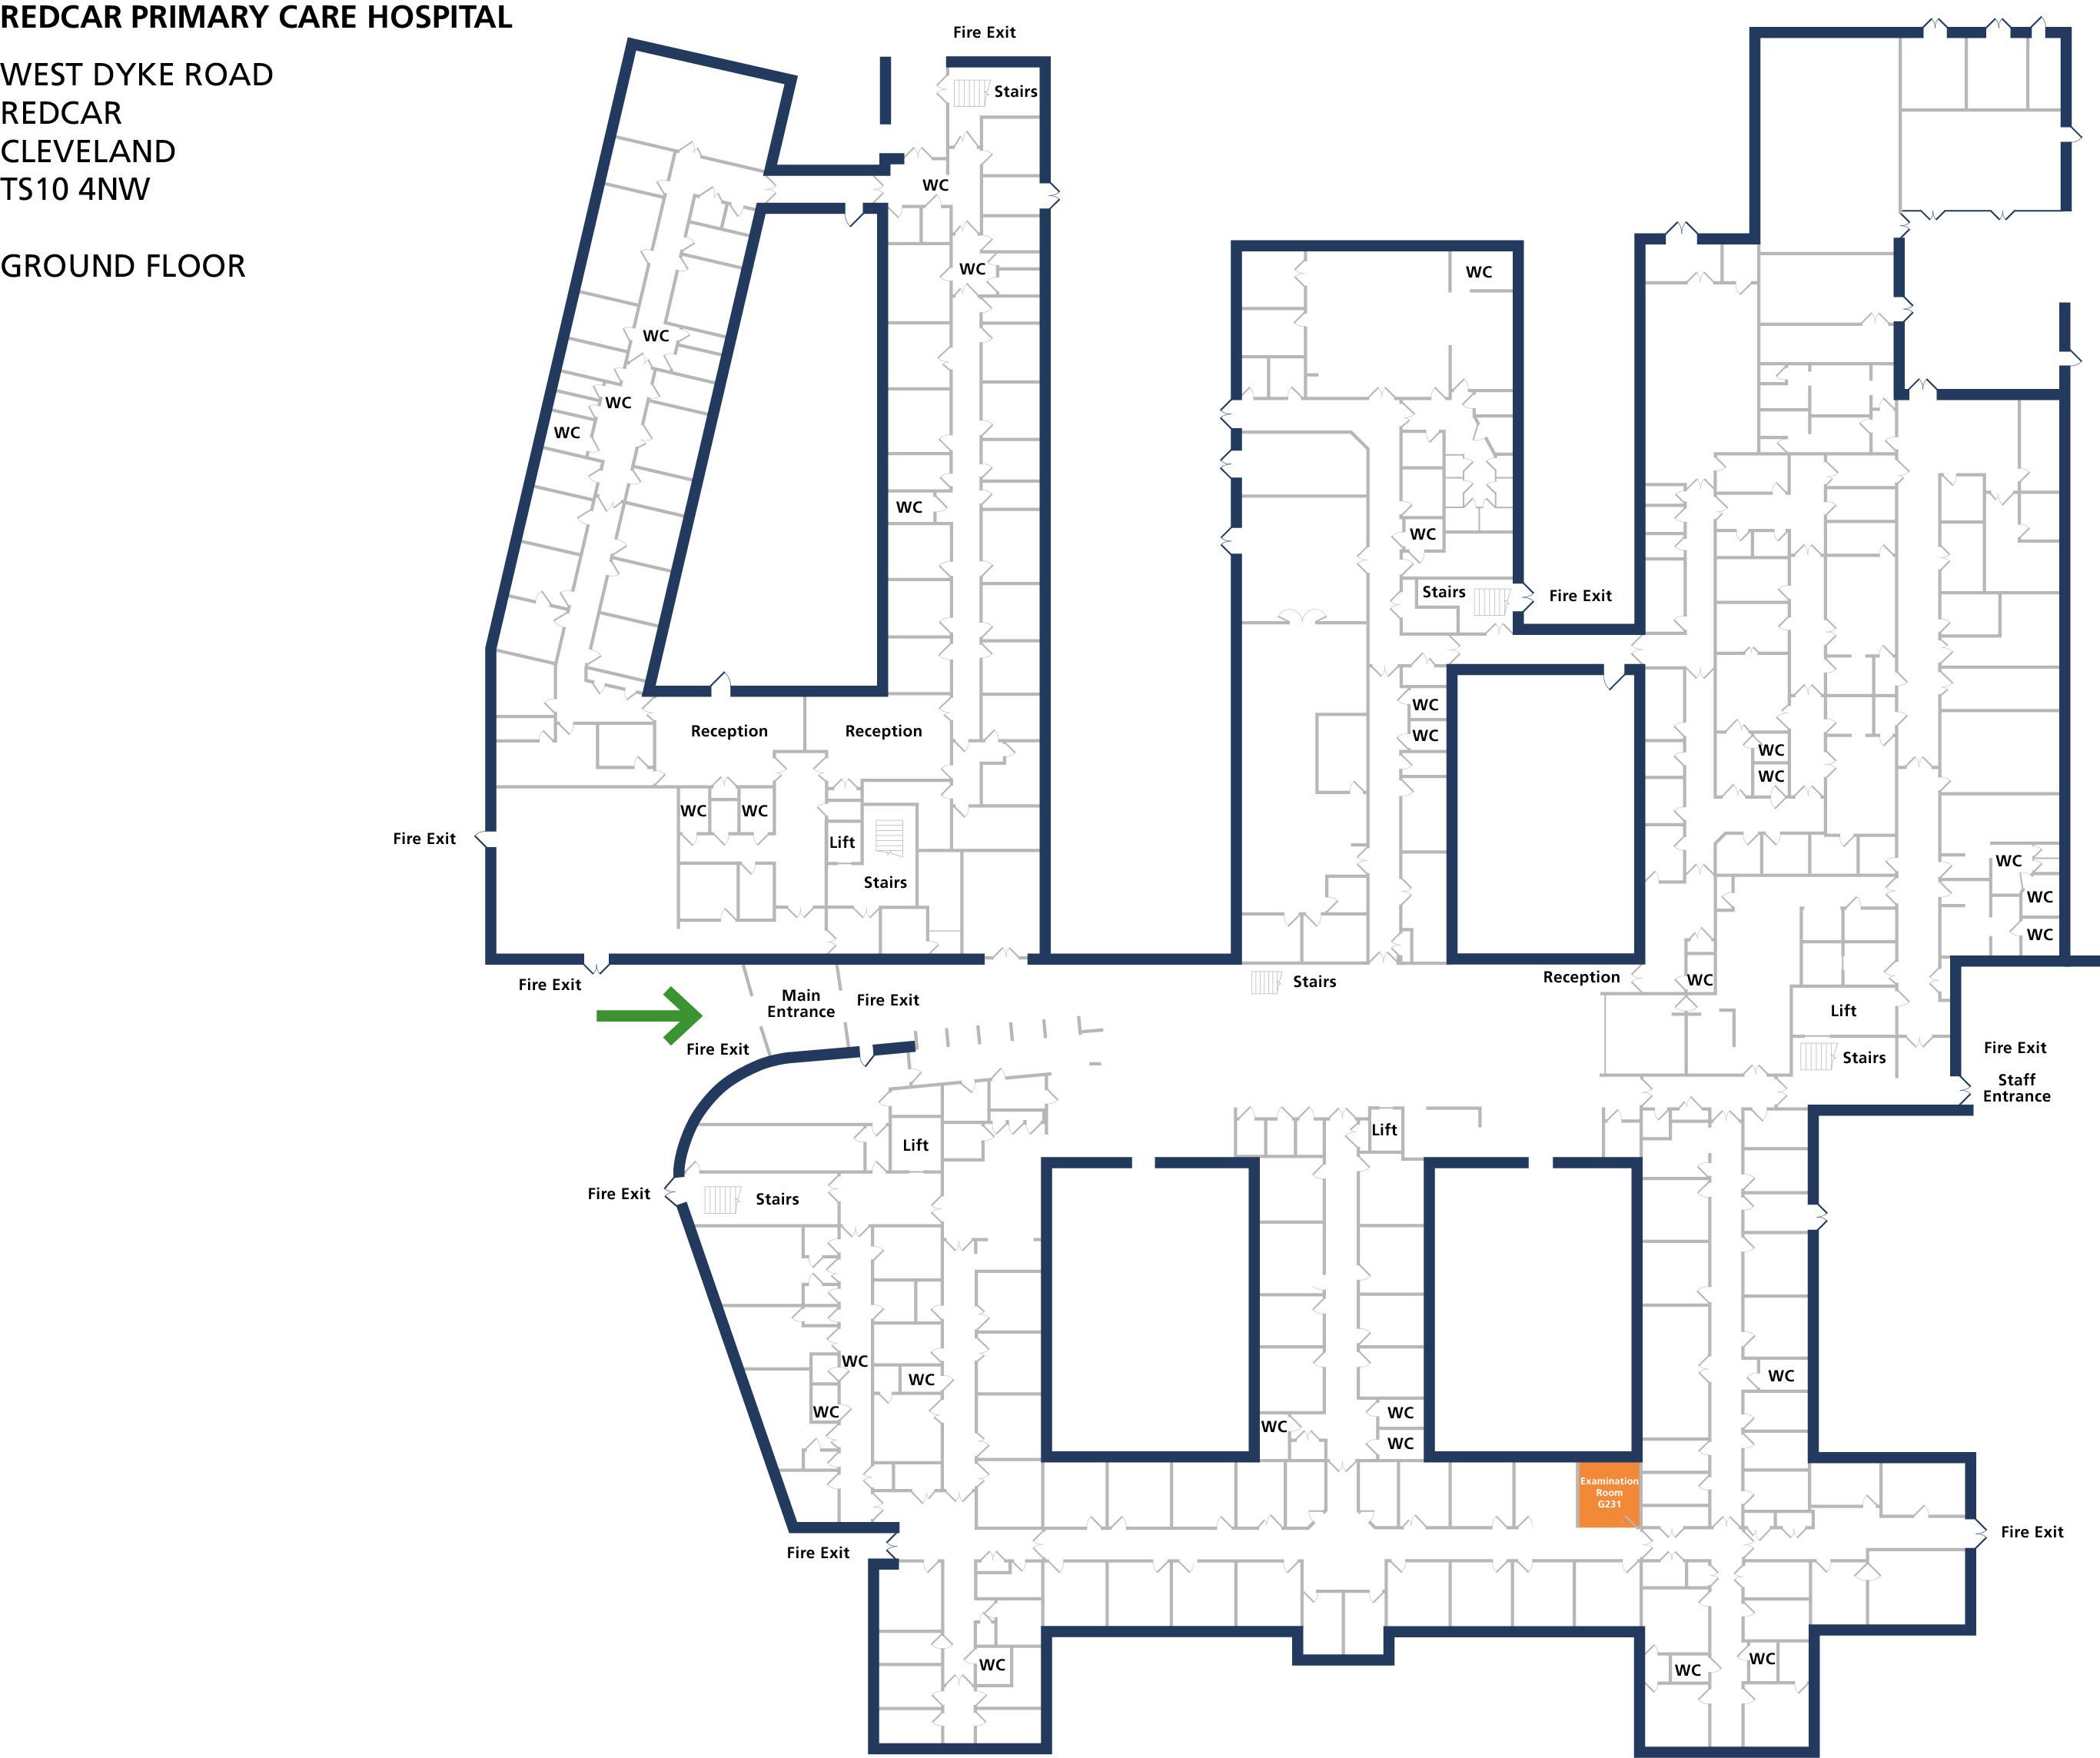 Examination room 231